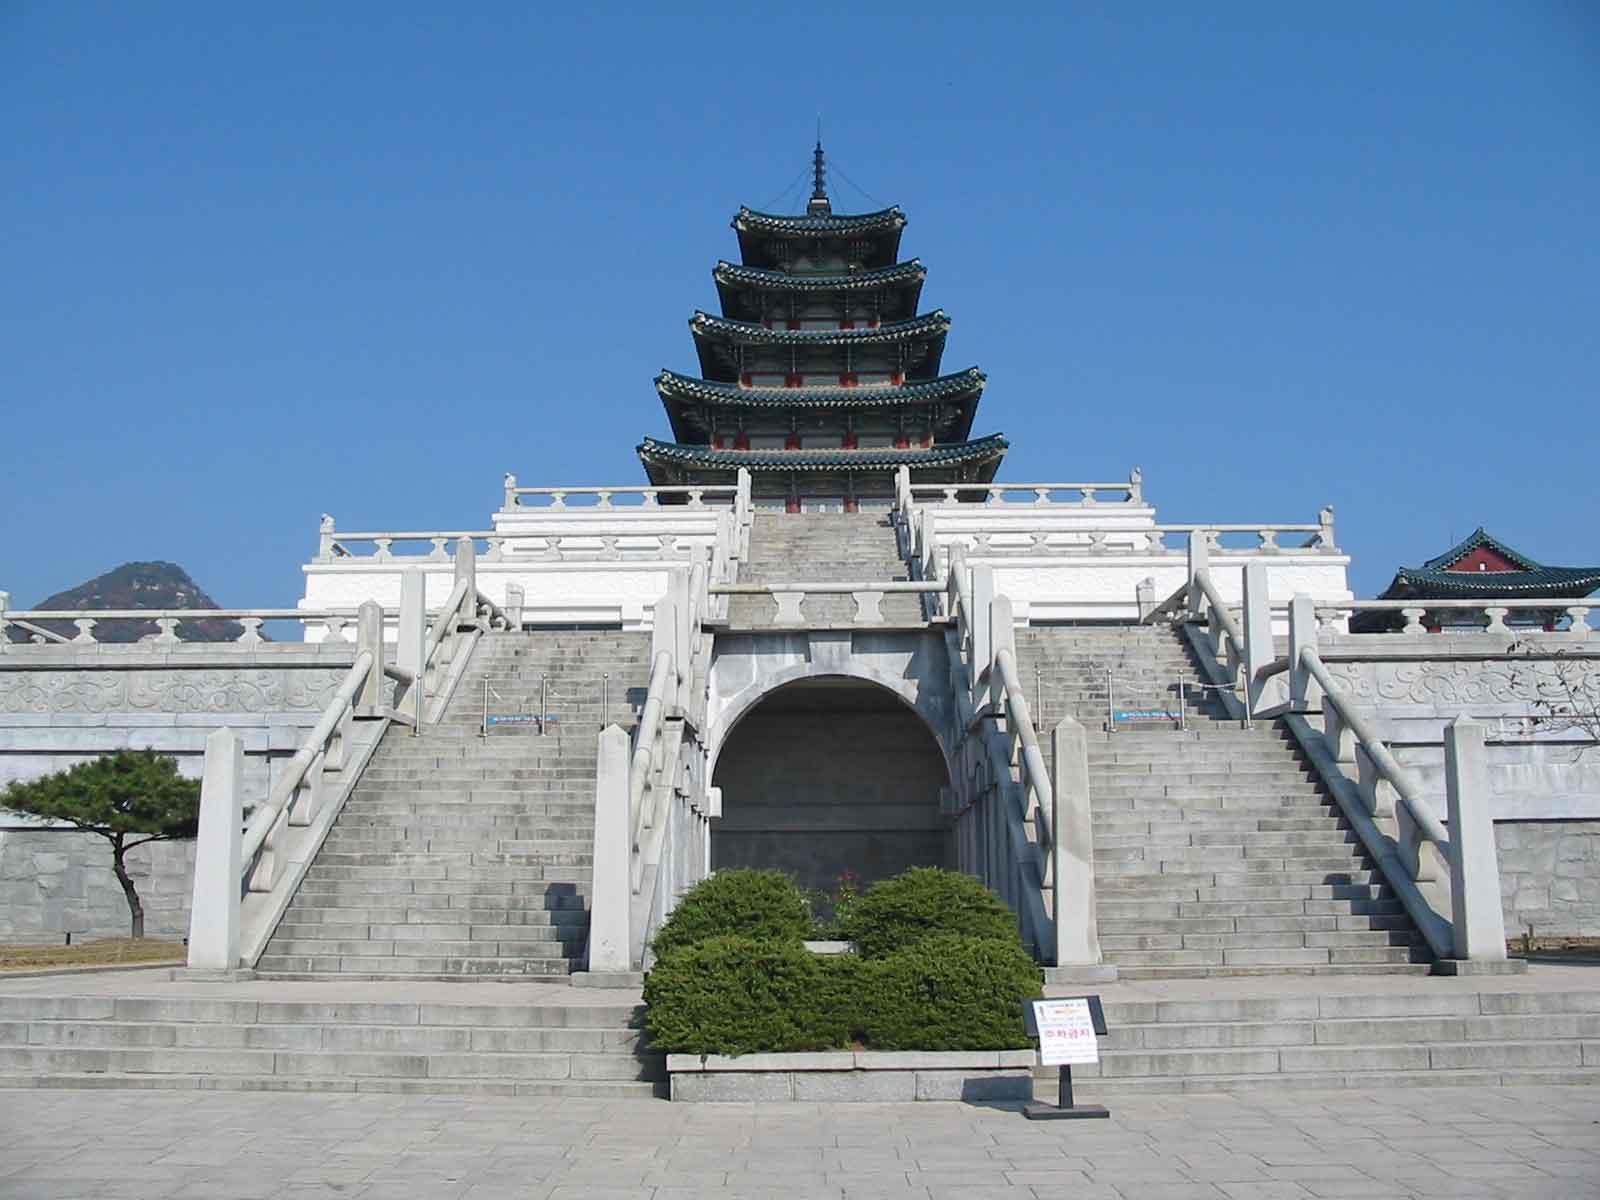 Dịch vụ chuyển phát nhanh quốc tế đi Hàn Quốc